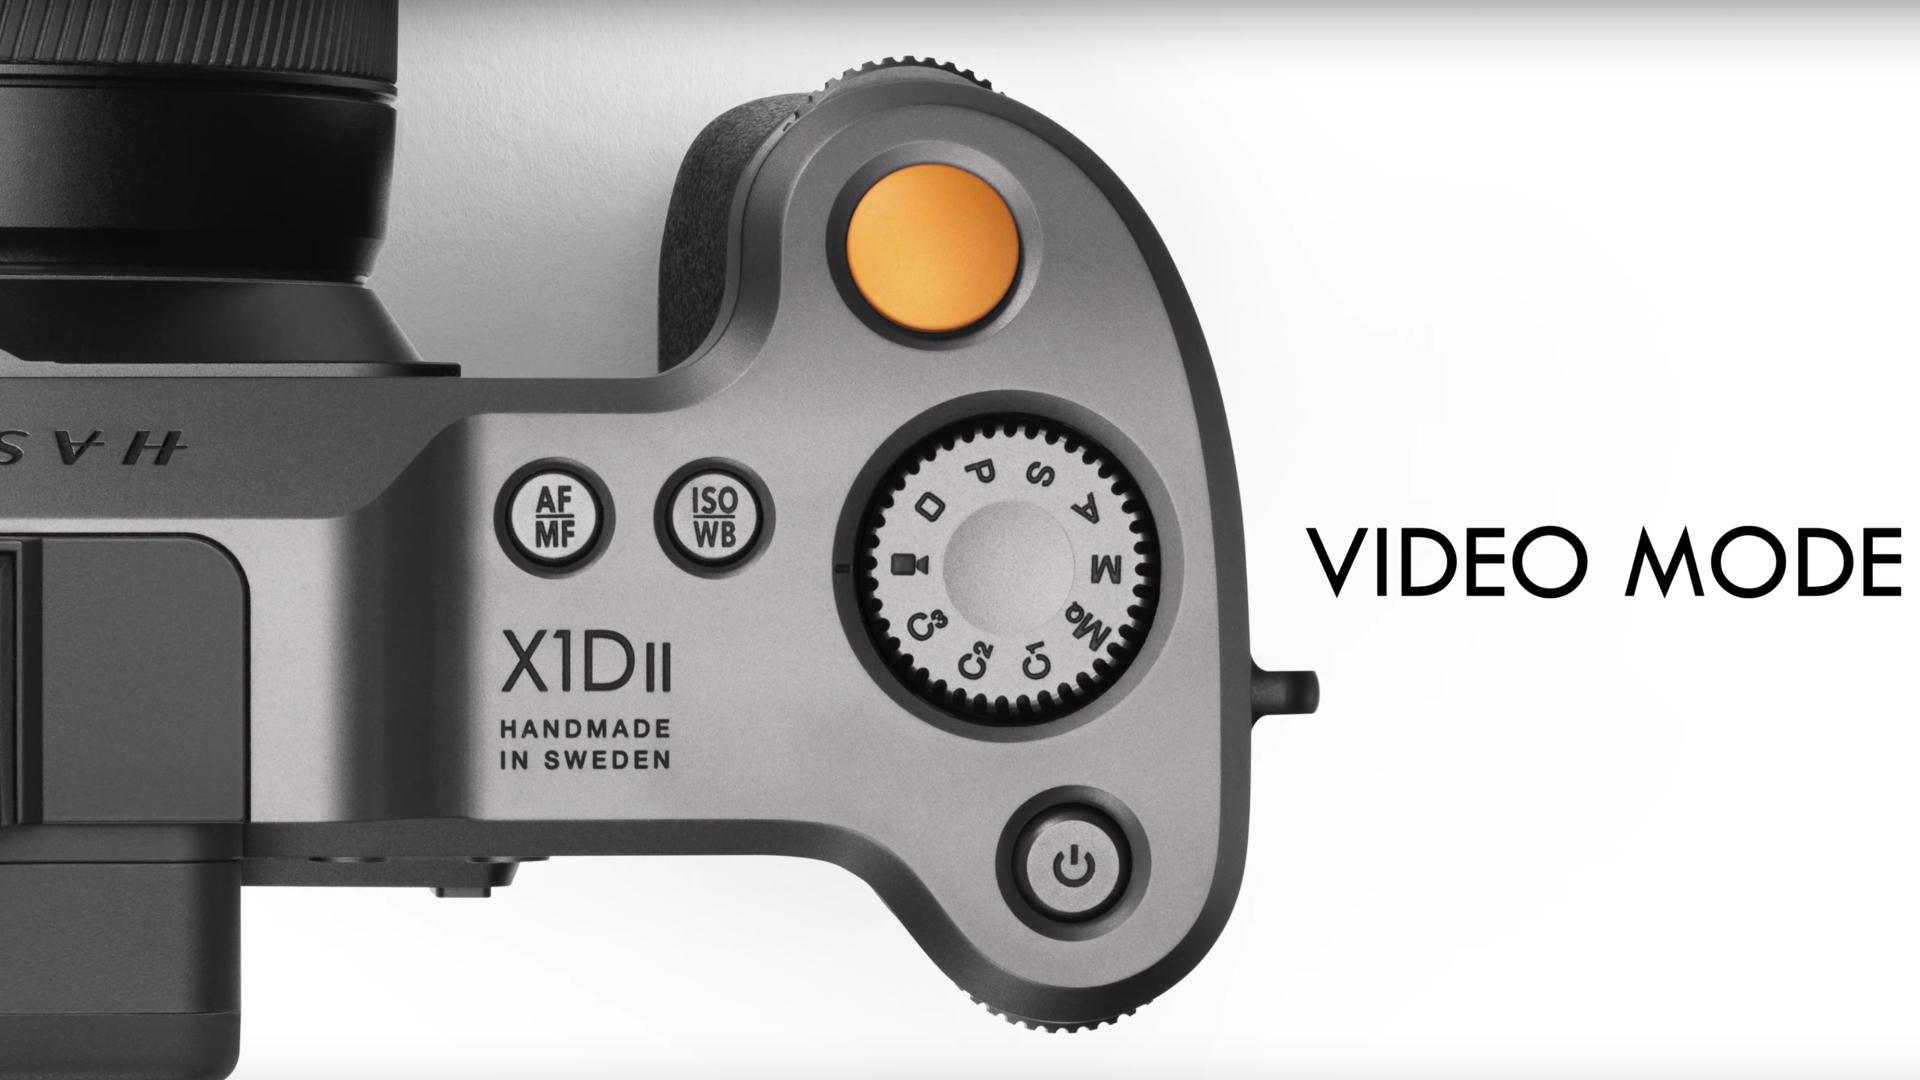 ハッセルブラッド(Hasselblad)がX1D II 50Cと907Xミディアムフォーマットカメラにビデオ機能を追加